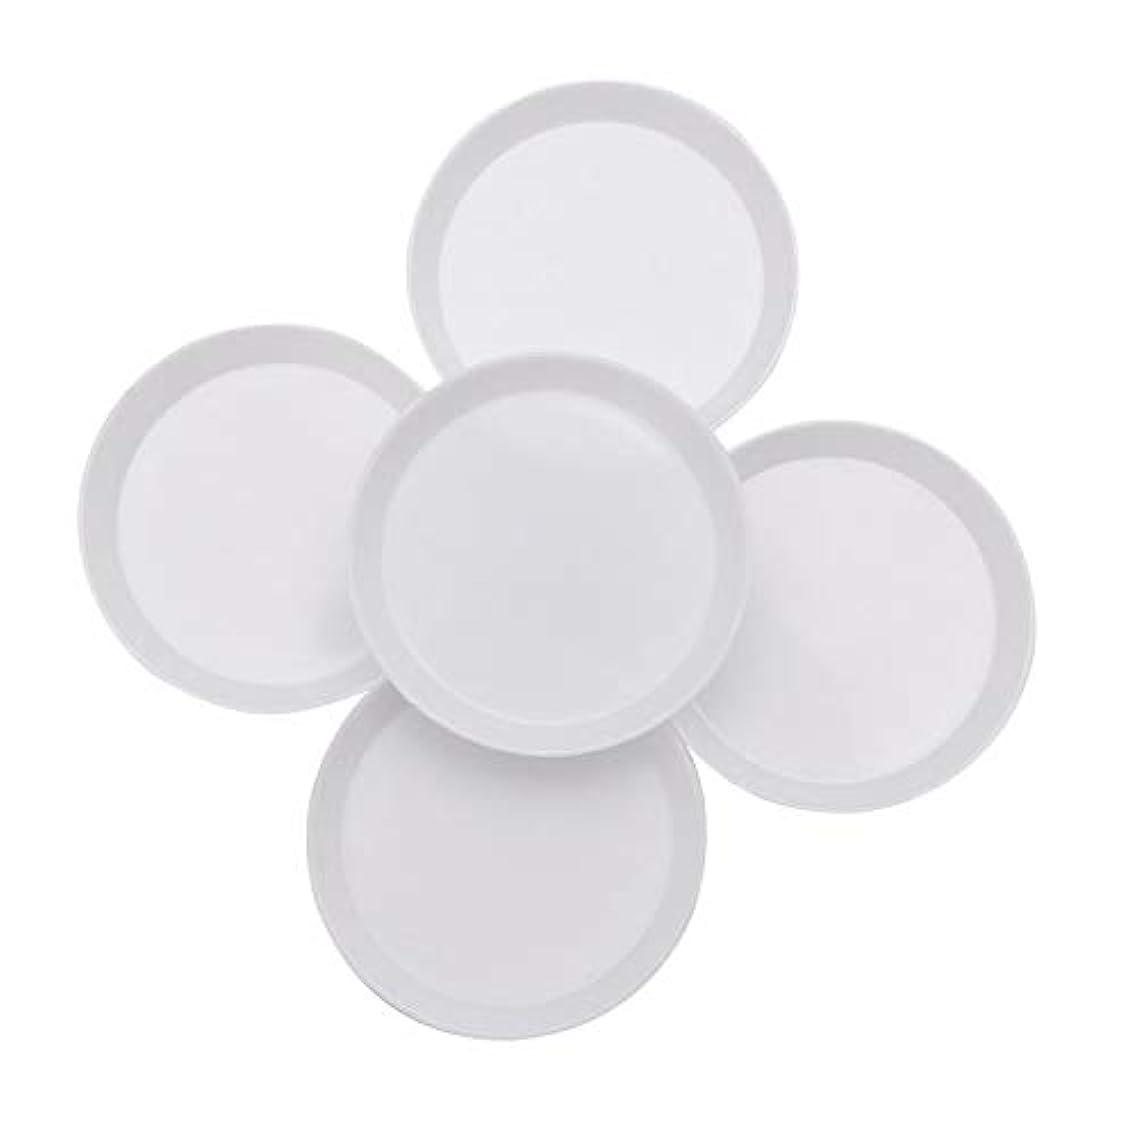 さわやか壁紙孤独YANGYL プラスチックの丸いラインストーンビーズクリスタルネイルアート10Pcsトレイホワイトを選別